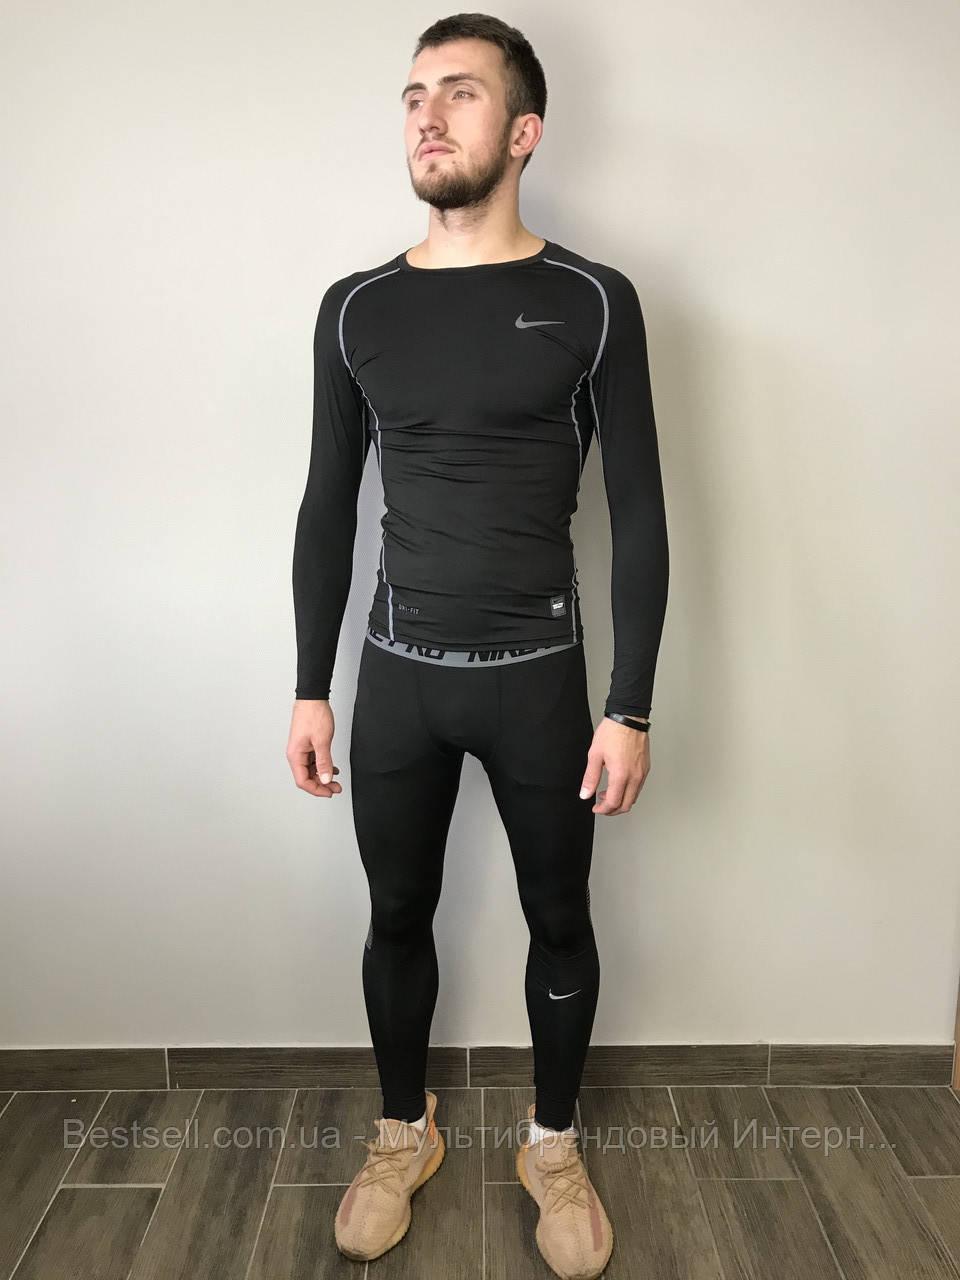 Комплект костюм спортивний компресійний чоловічий Nike Найк ( S останній розмір)